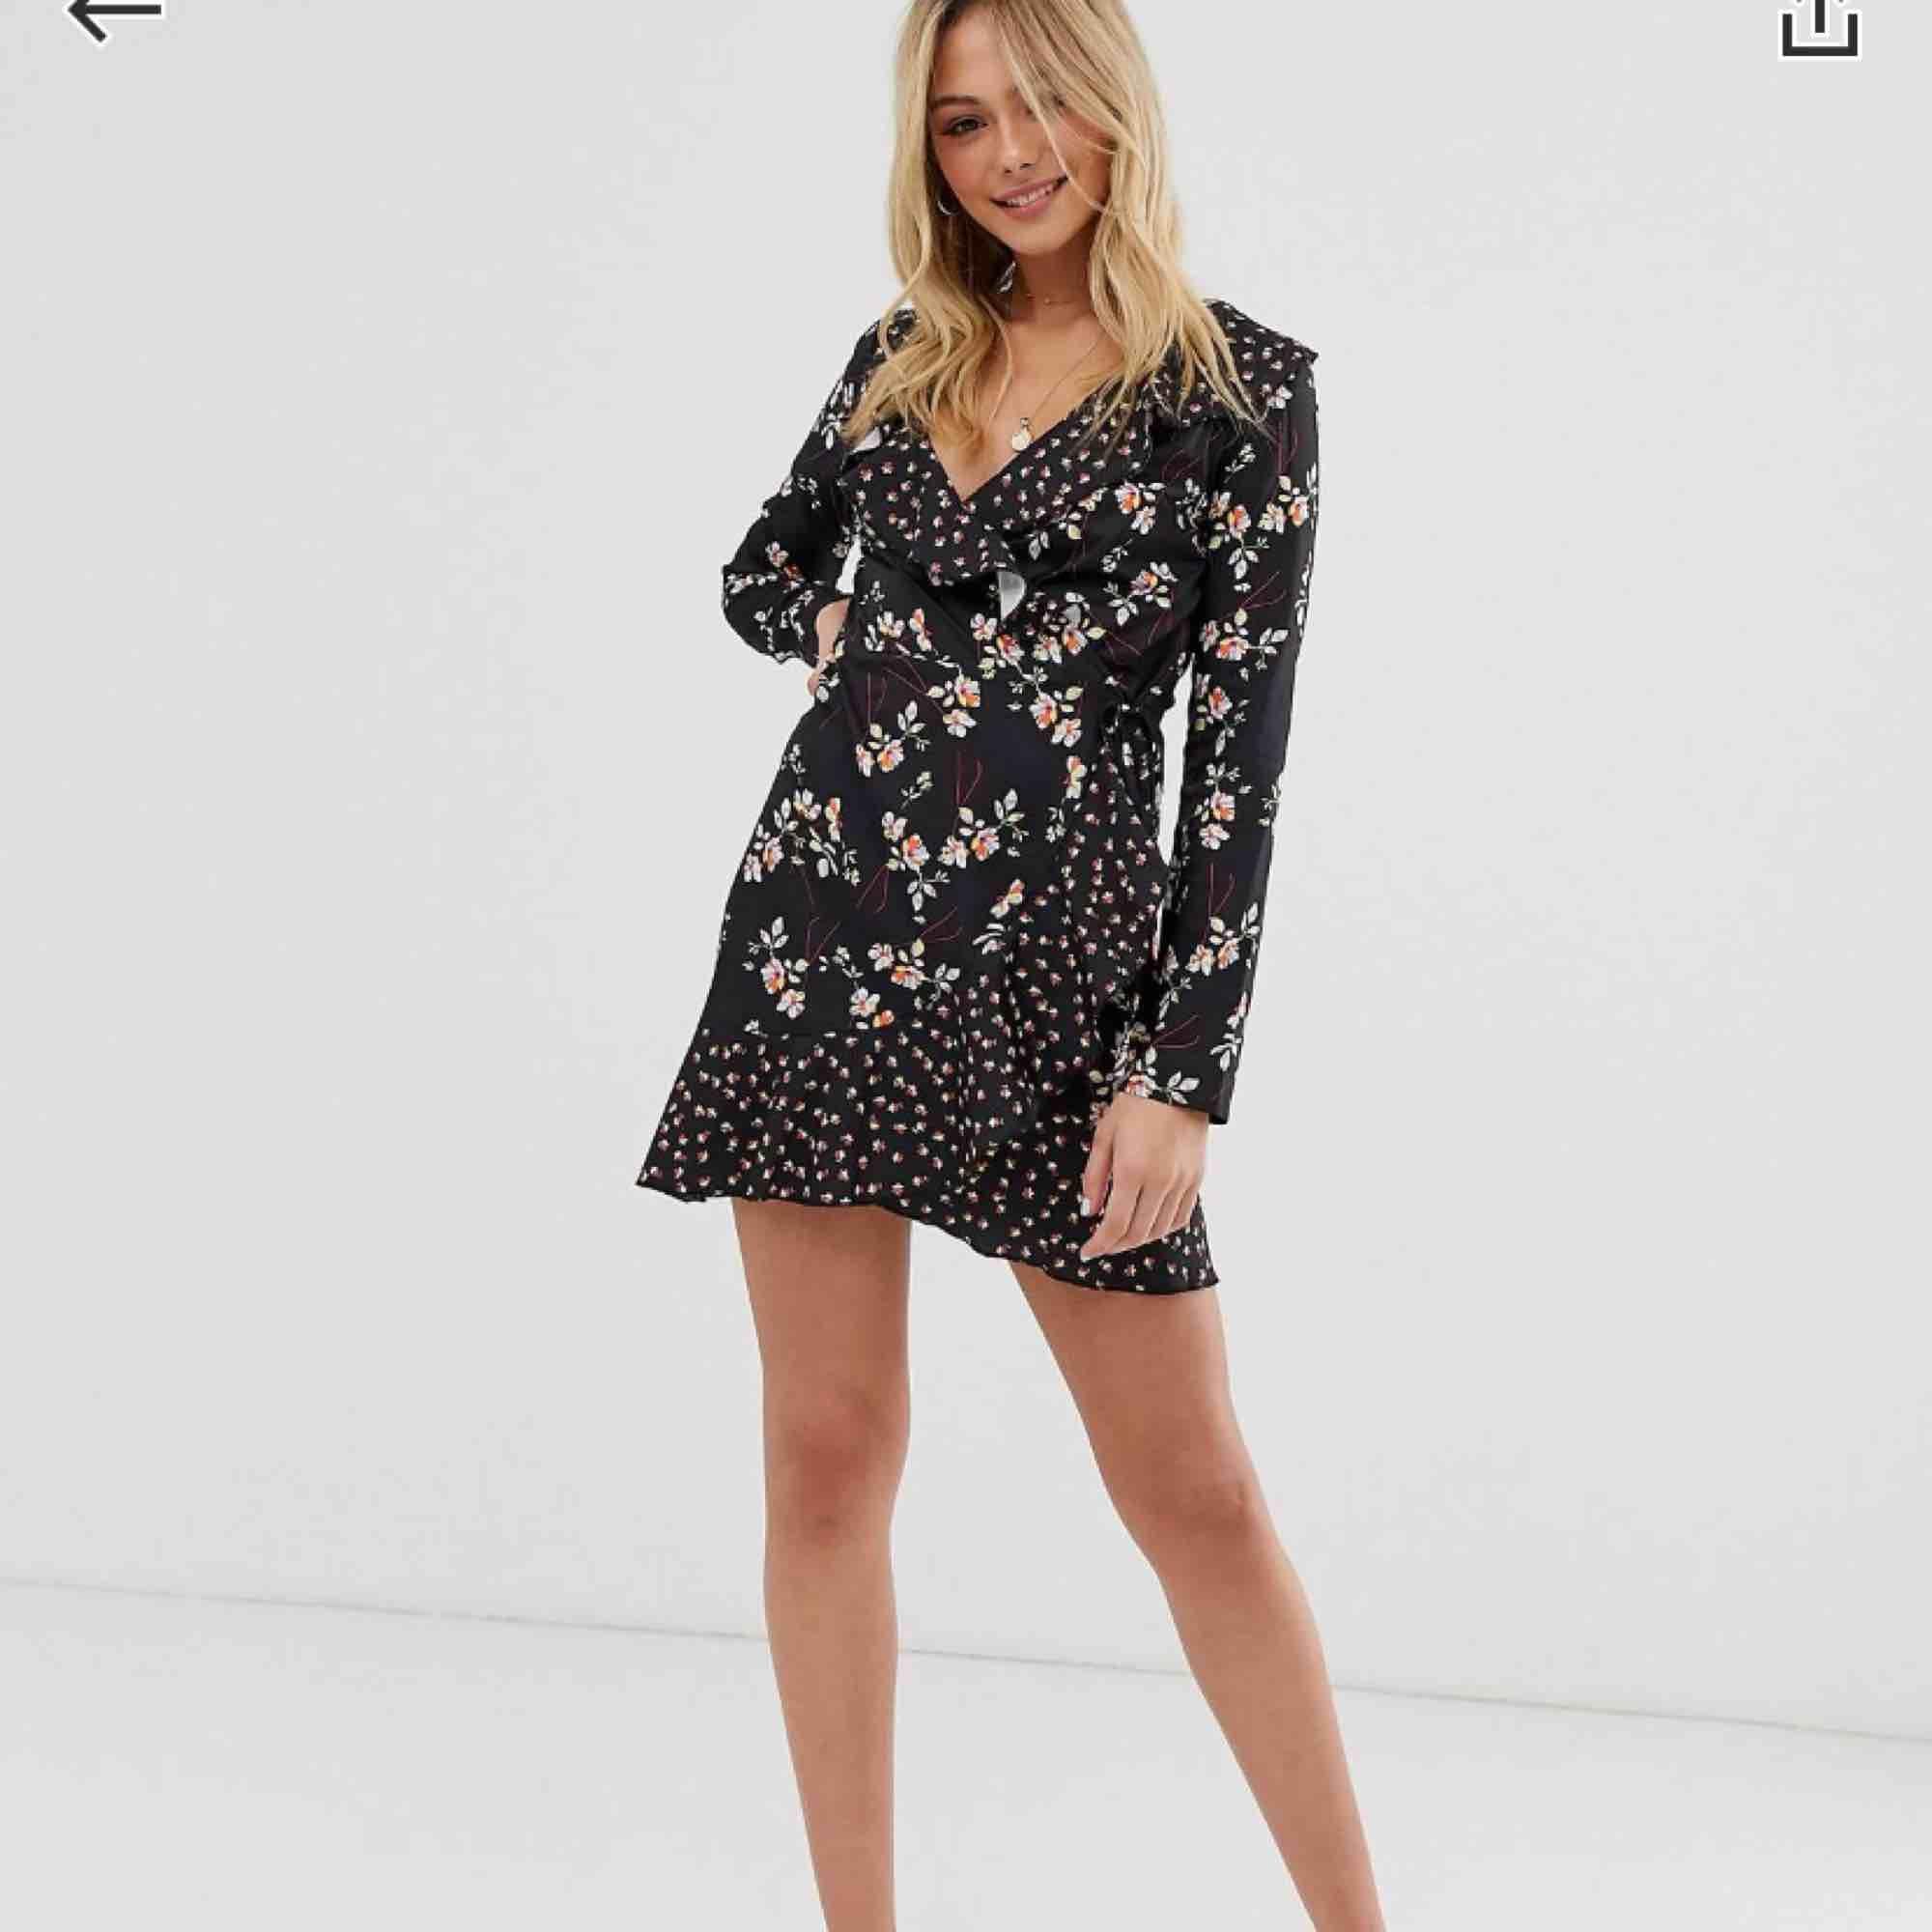 Bild 2 är samma klänning men en annan färg då denna inte finns kvar i lager men nu ser ni hur den sitter osv. Kan va snygg att matcha med en tjocktröja över så bara kjolen syns också då det börjar bli kallare🤪. Klänningar.